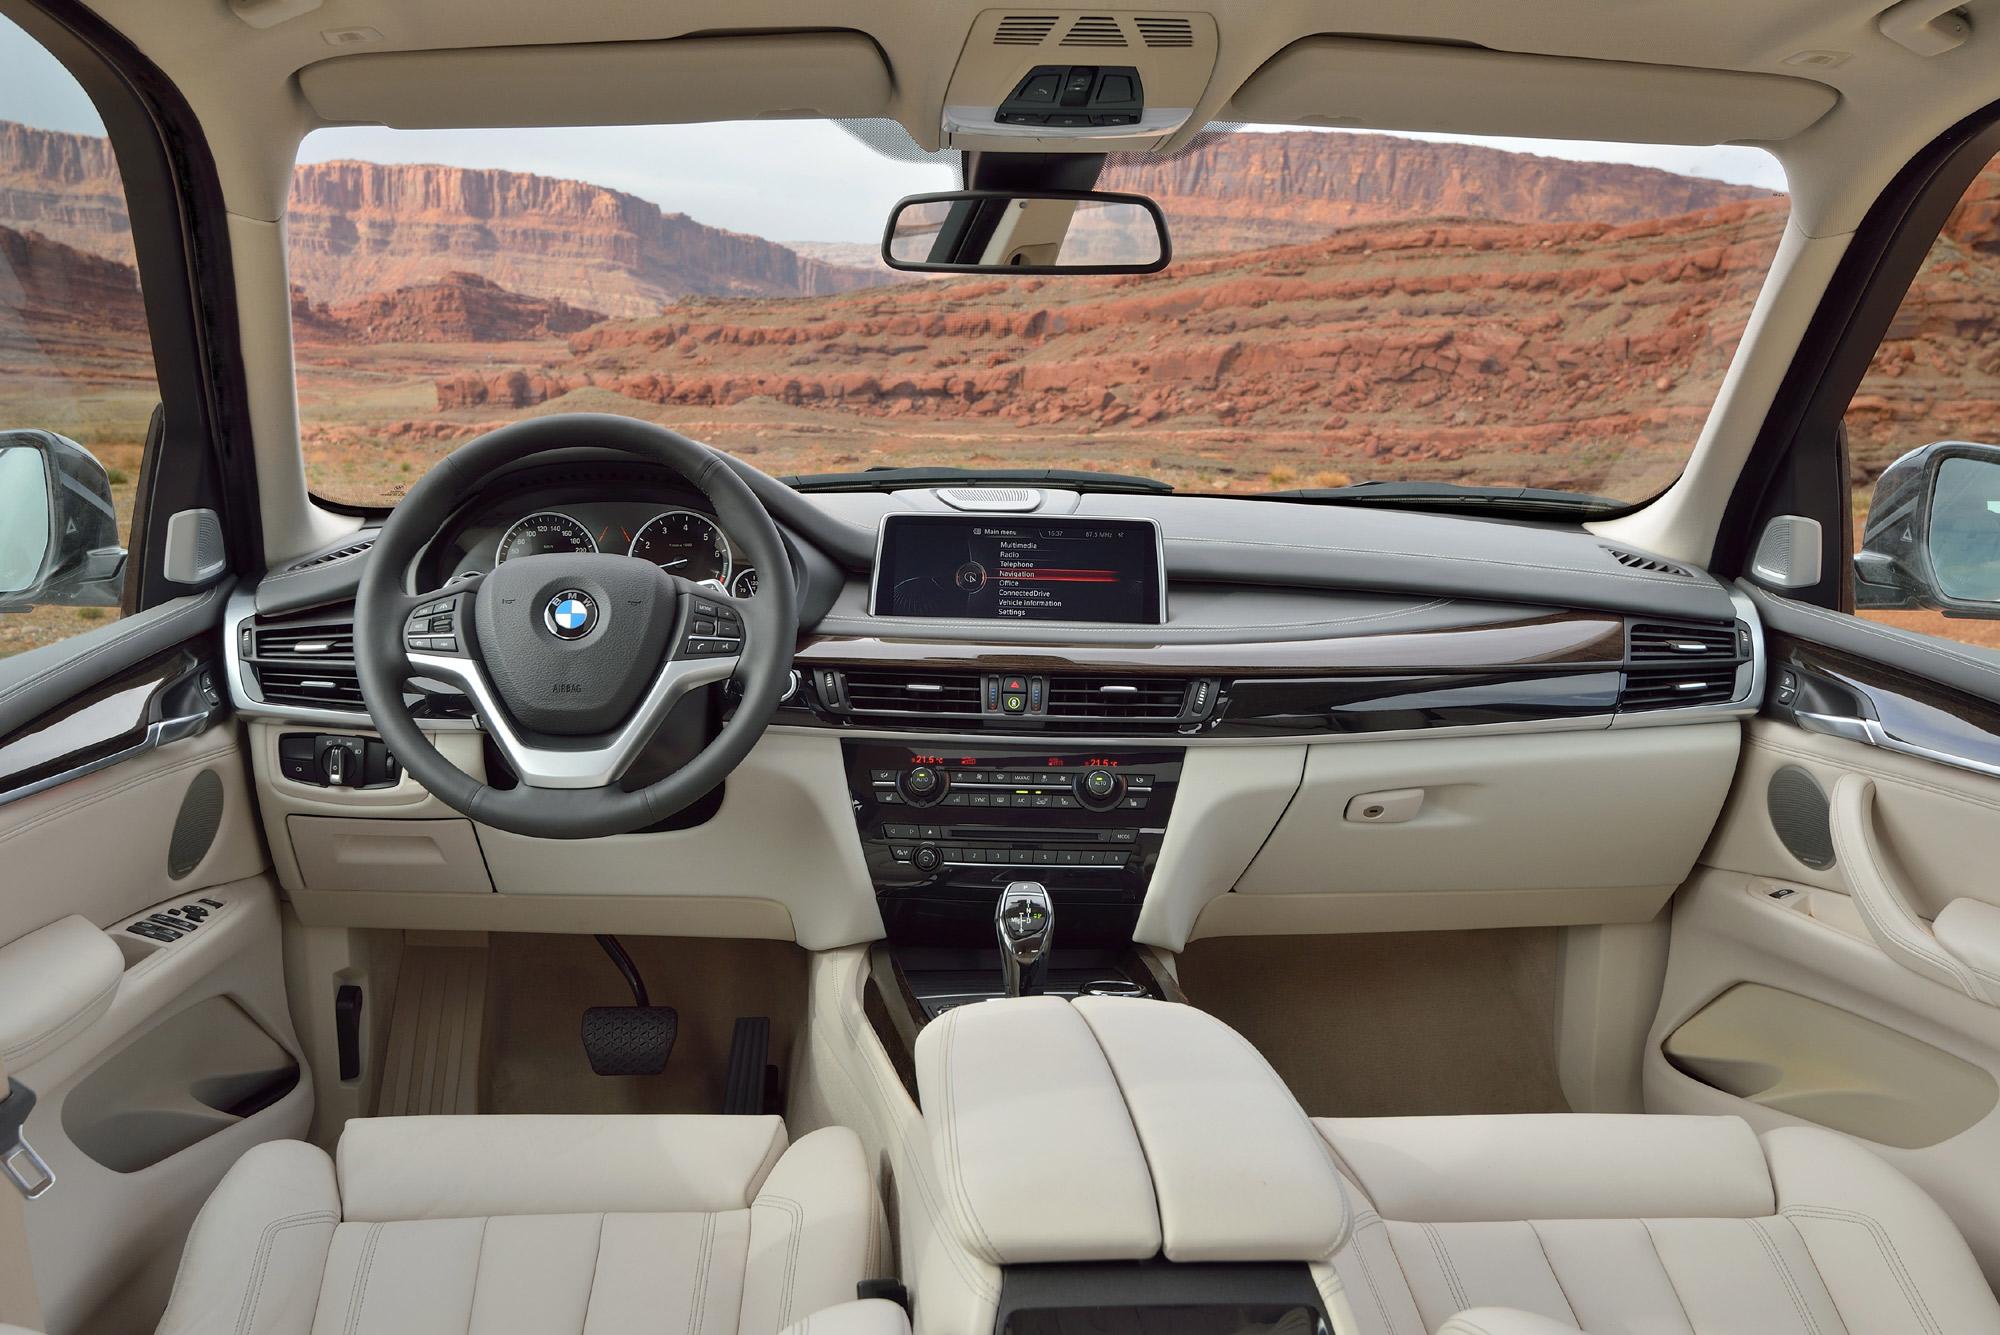 Anche nell'abitacolo si ritrovano le caratteristiche tecniche ed estetiche di Casa BMW